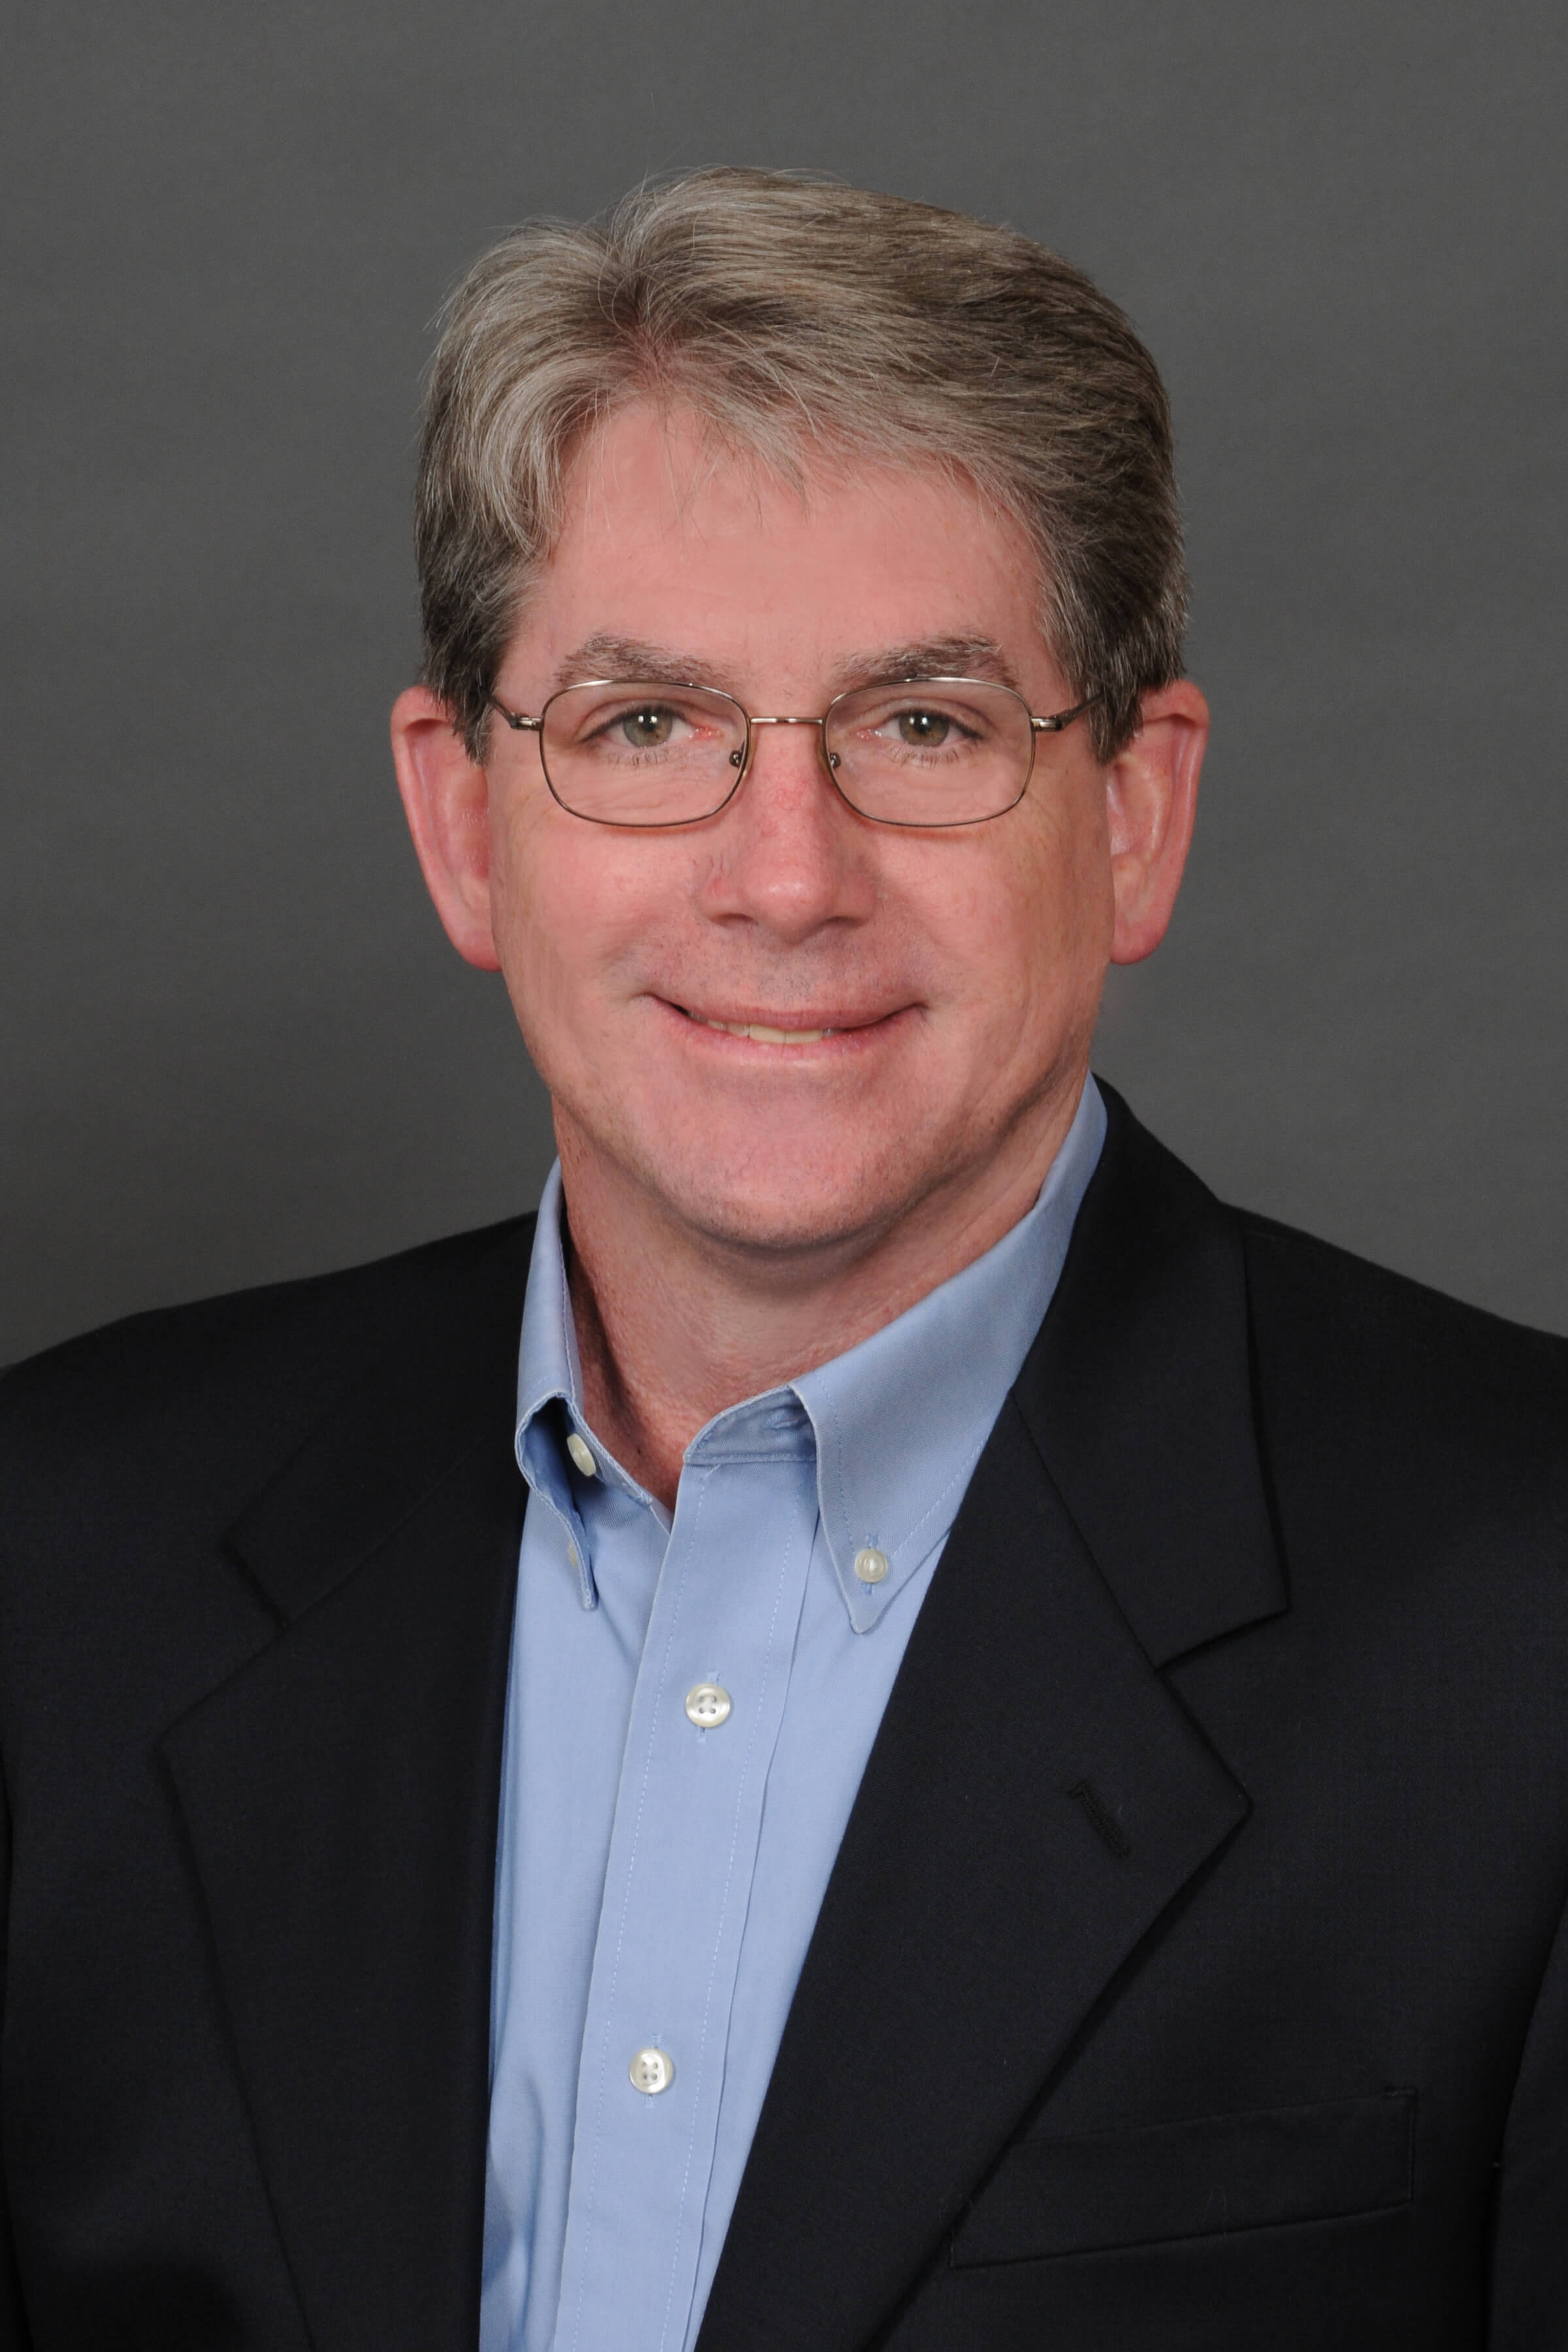 Sam W. Dixon